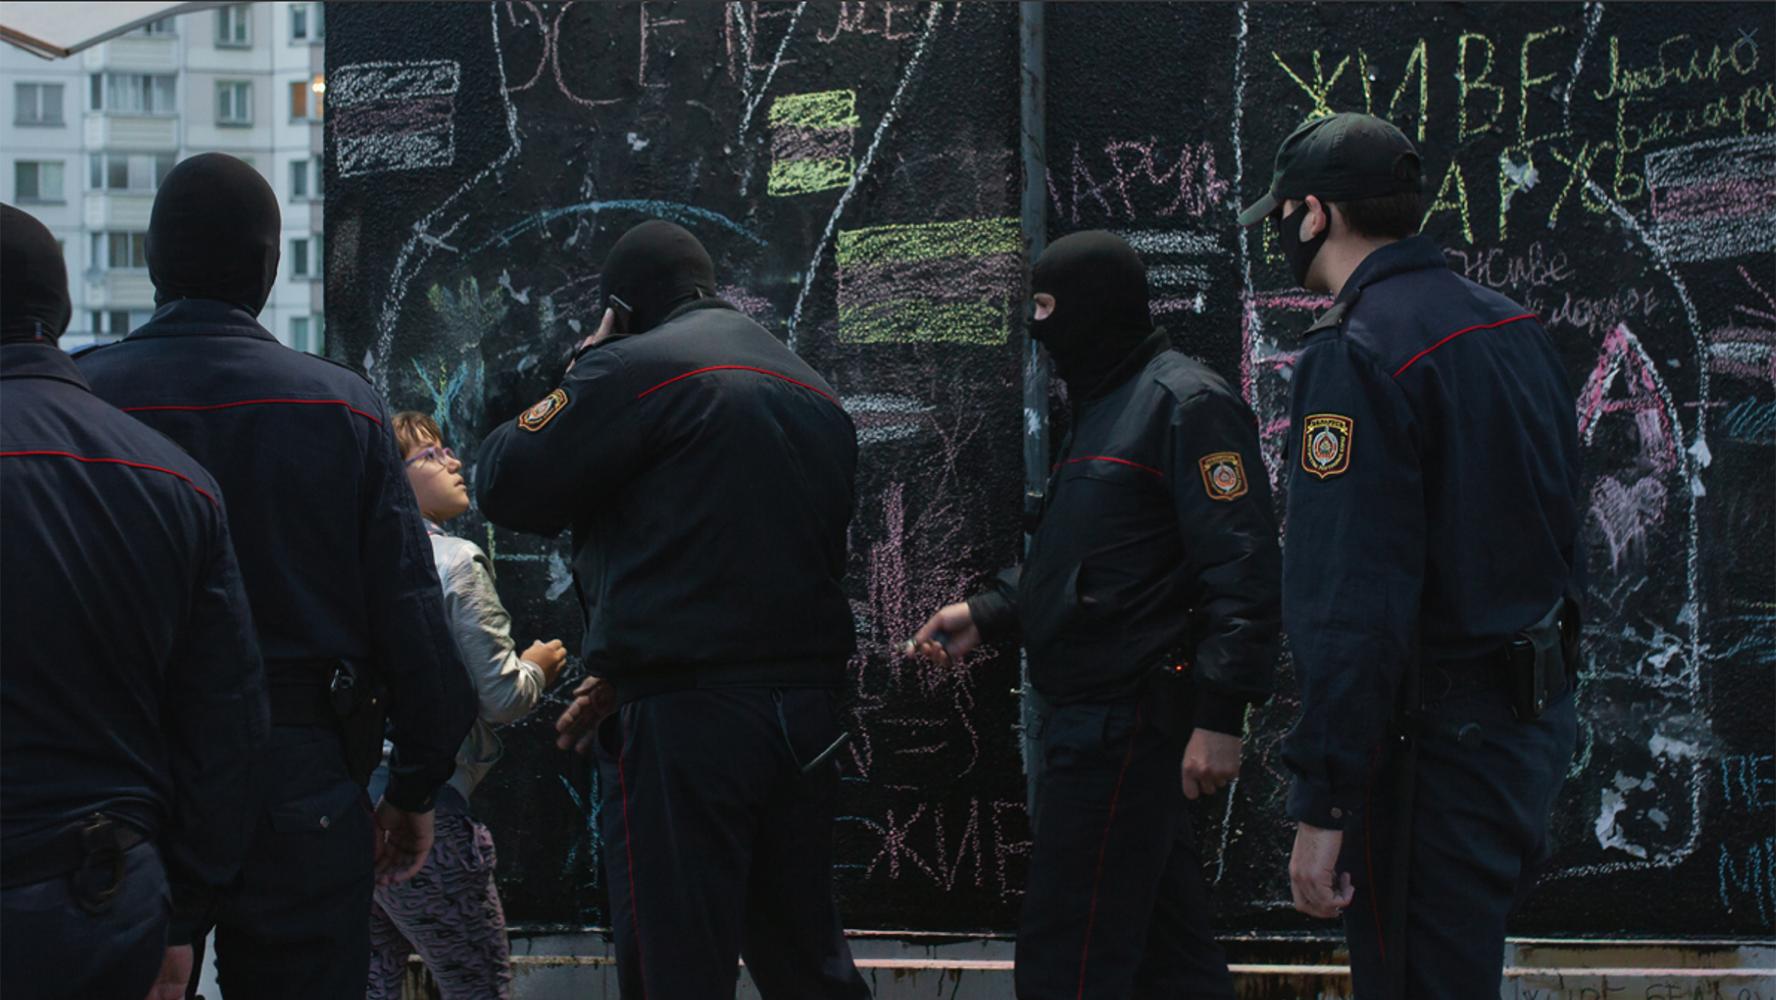 «Кожны дзень»: інтерв'ю з кураторами виставки білоруського сучасного мистецтва під час протесту